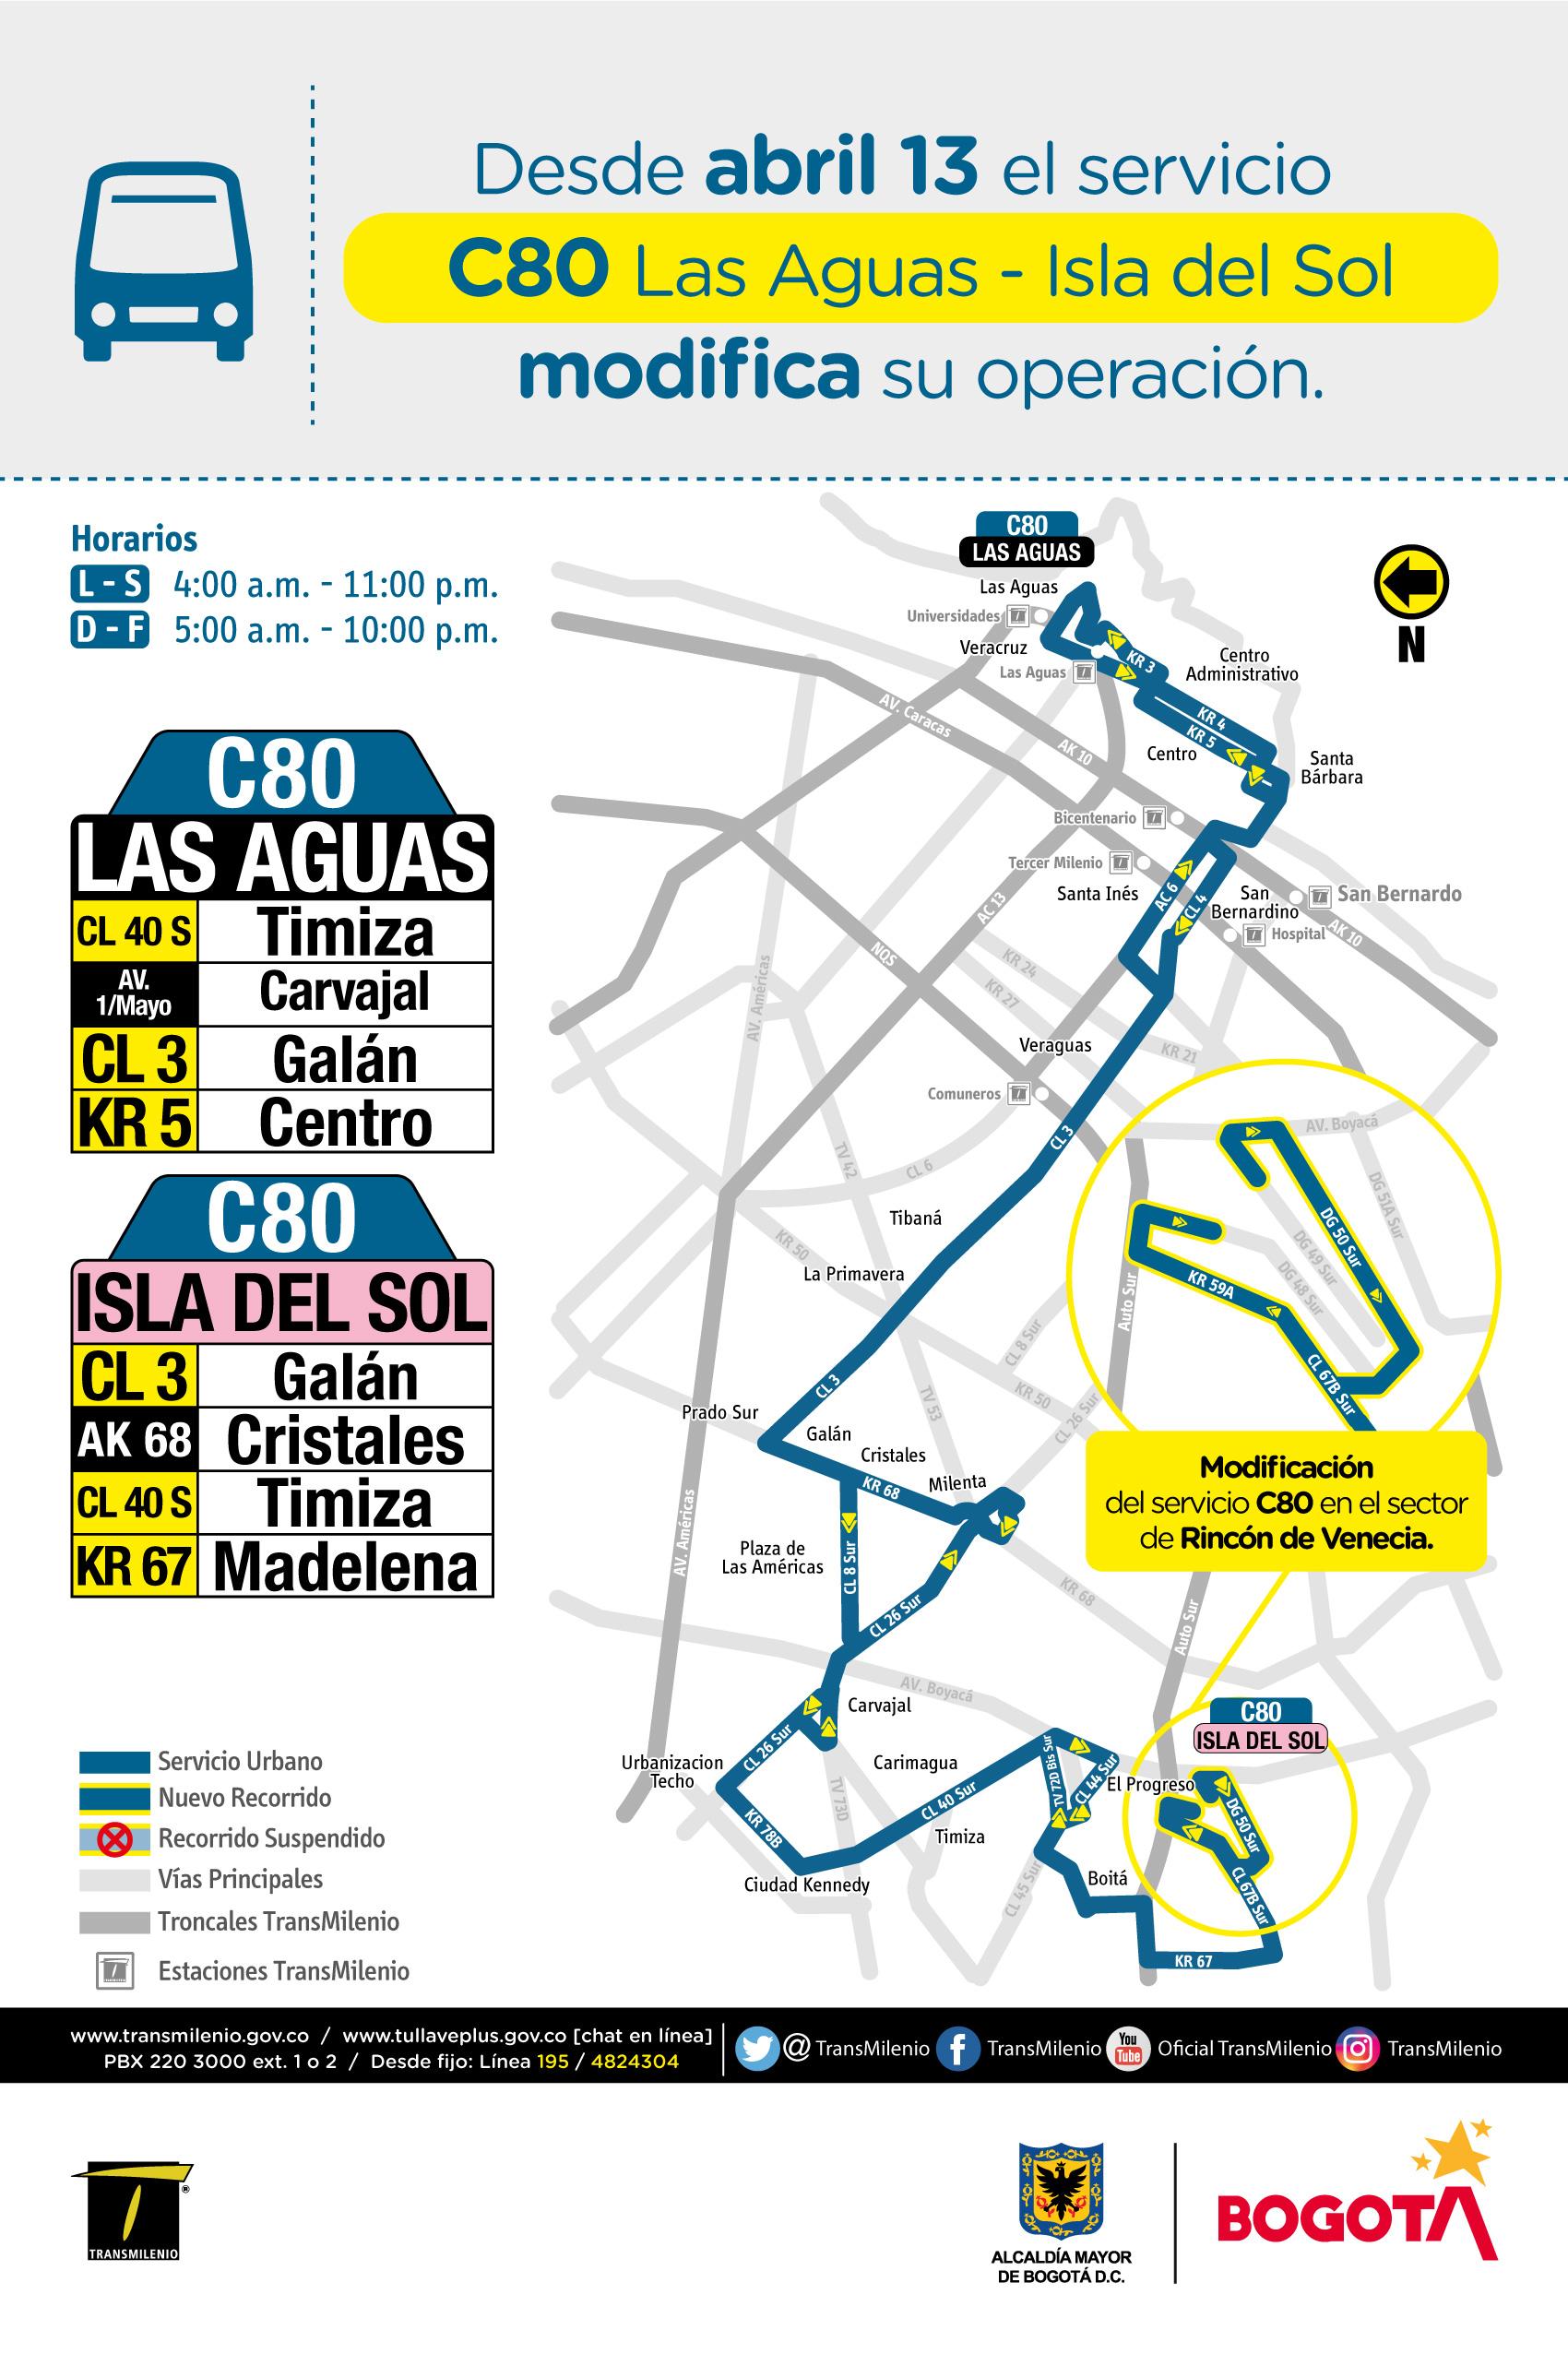 Mapa de la ruta C80